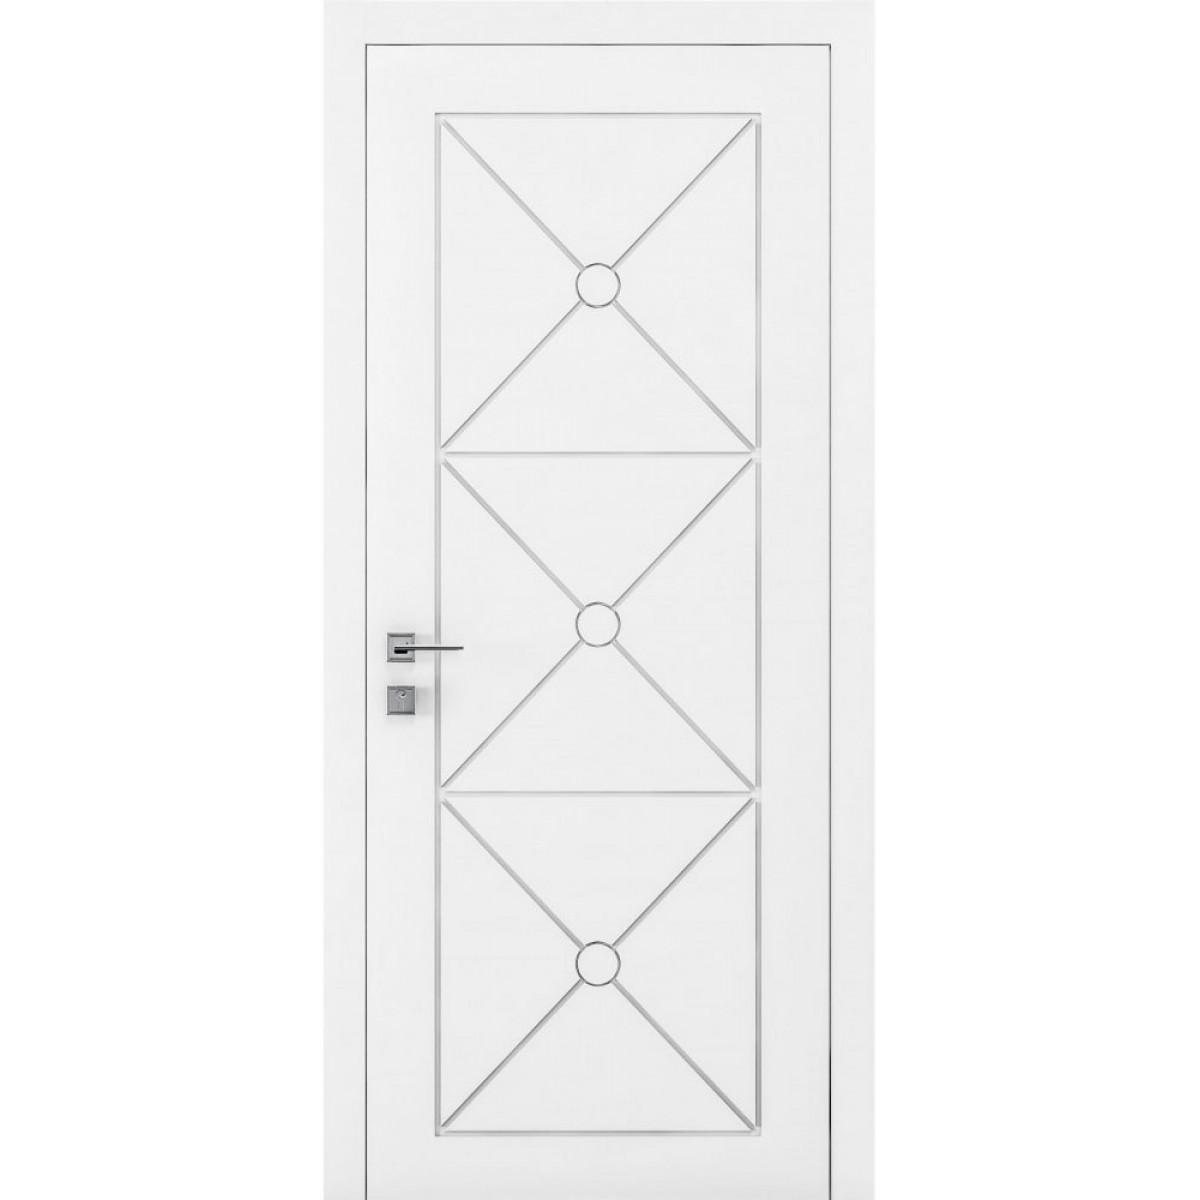 Межкомнатная дверь Cortes Prima фрезеровка 29 Rodos